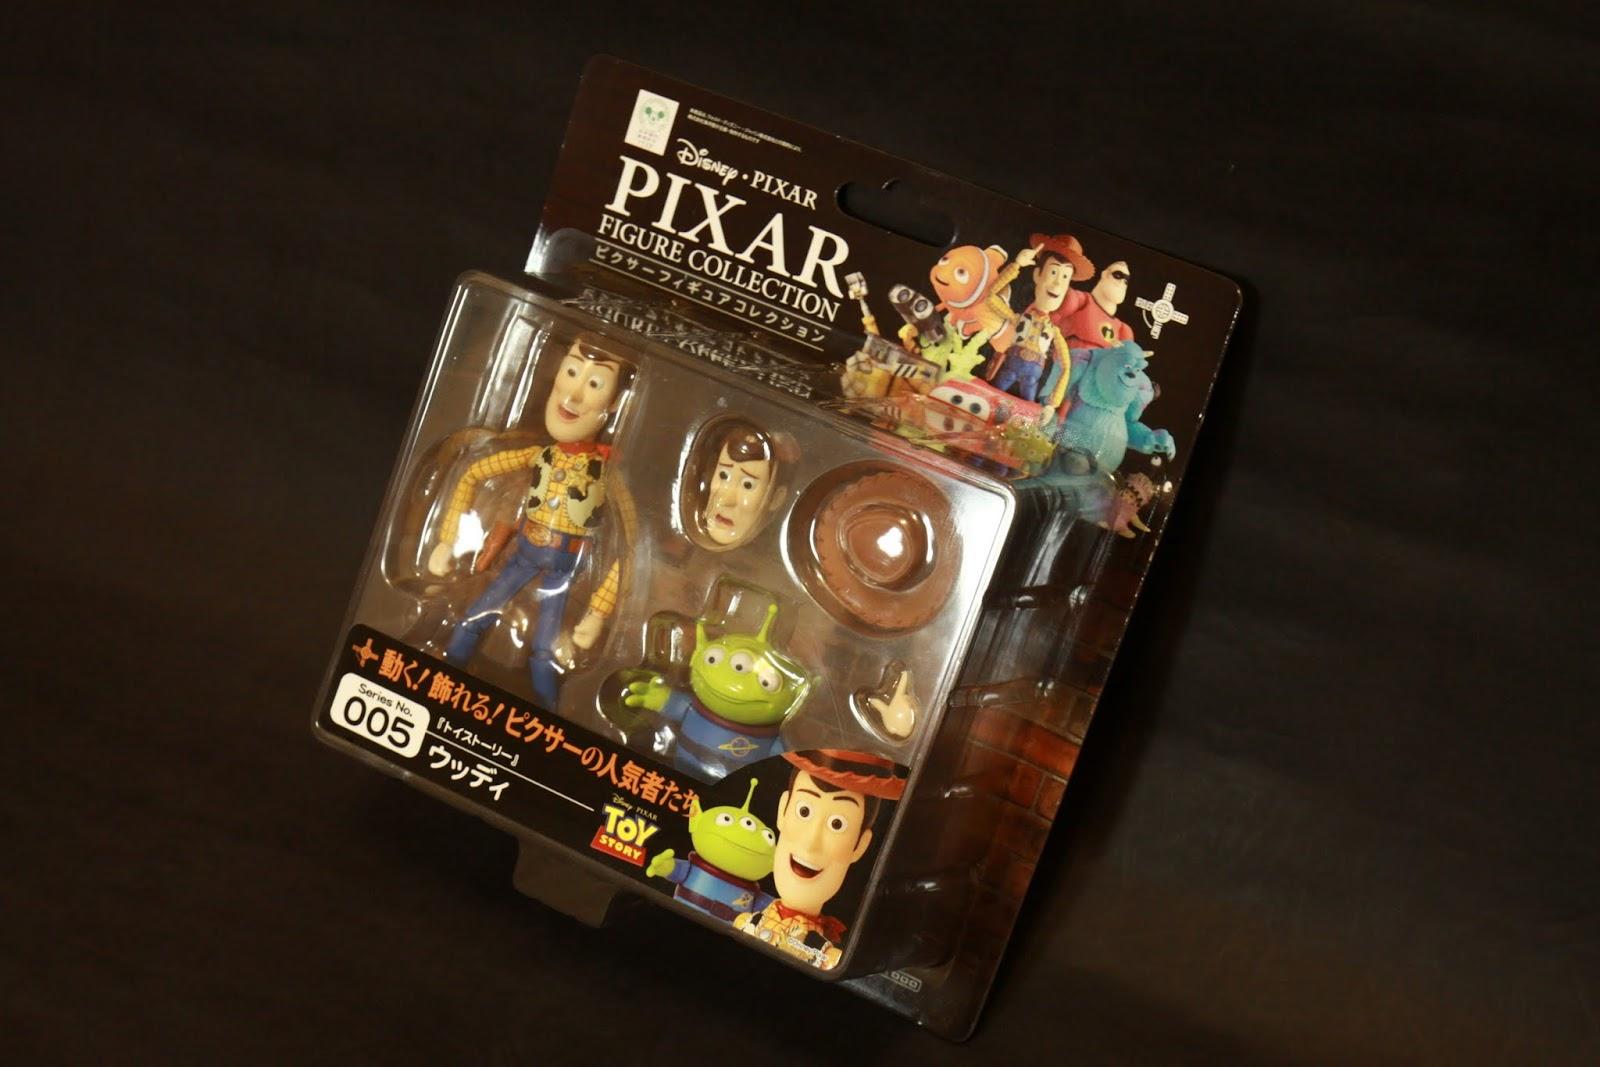 外包裝是吊卡 很廉價對吧! 很不好收藏度對吧! 外包裝拆掉就GG這樣怎麼收藏? 雖然我本身並不是會把玩具放回盒子的人 但是還是有這種玩家啊! 怎麼可以罔顧呢?